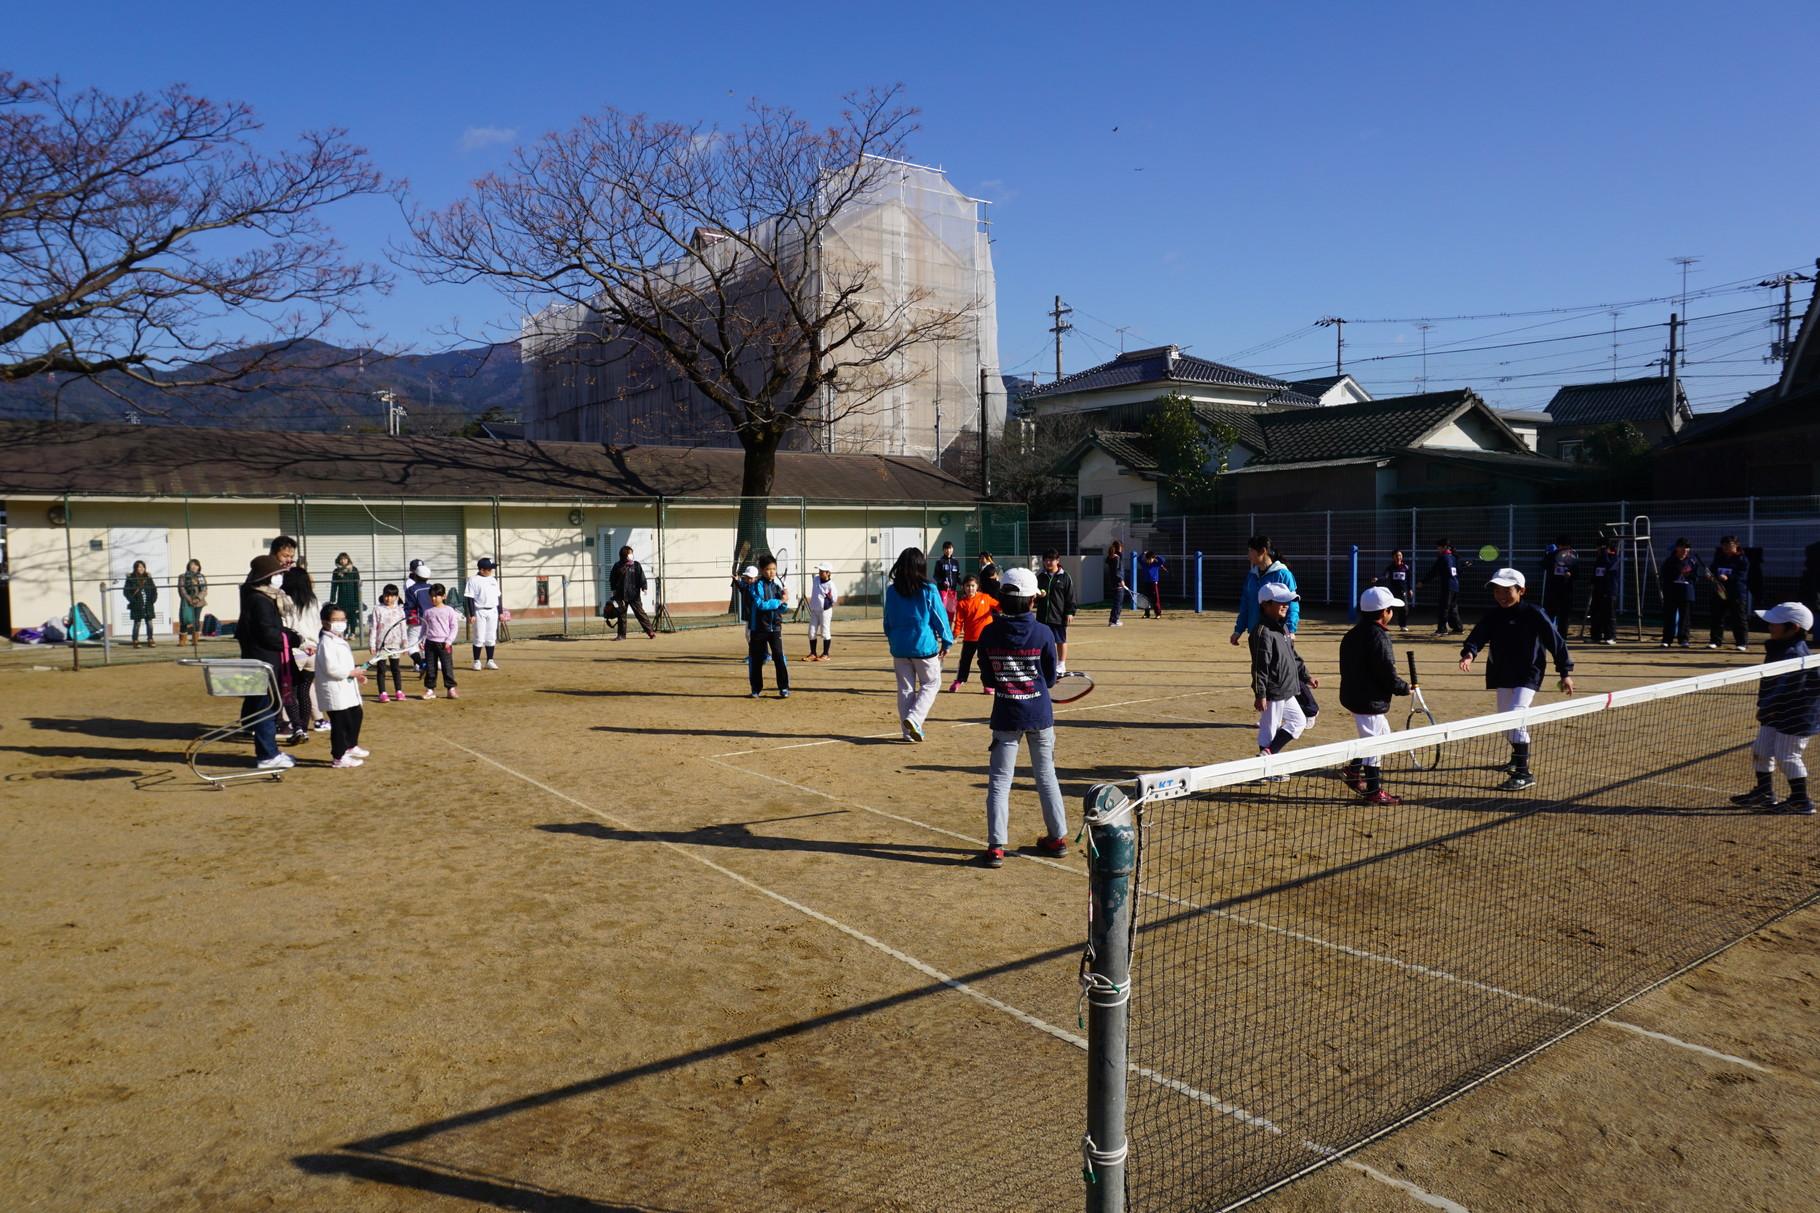 愛媛信用金庫テニス部さんによるテニス教室。楽しいね。